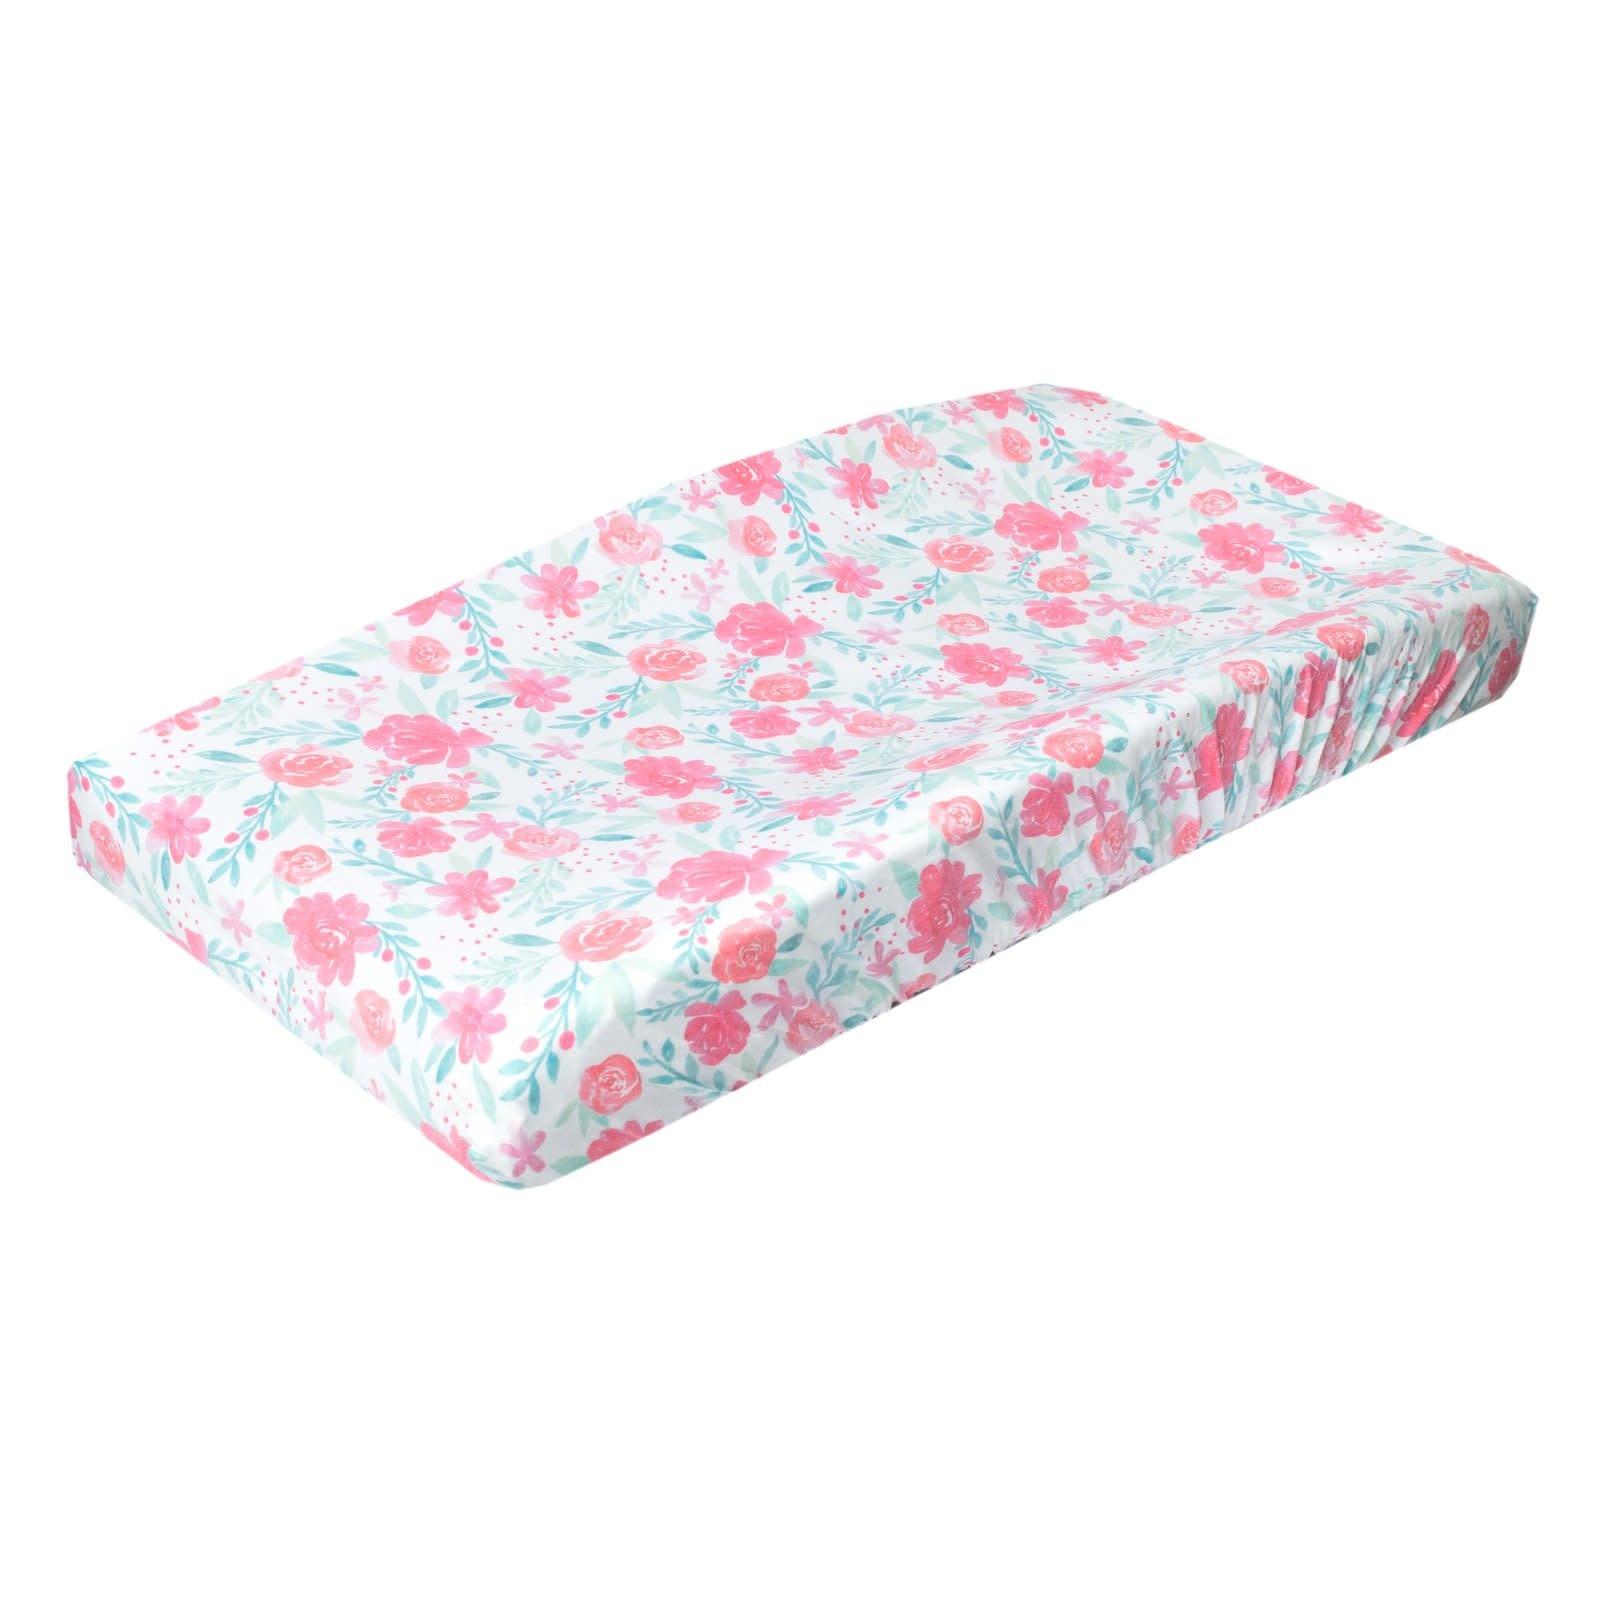 Copper Pearl Premium Diaper Changing Pad Cover June